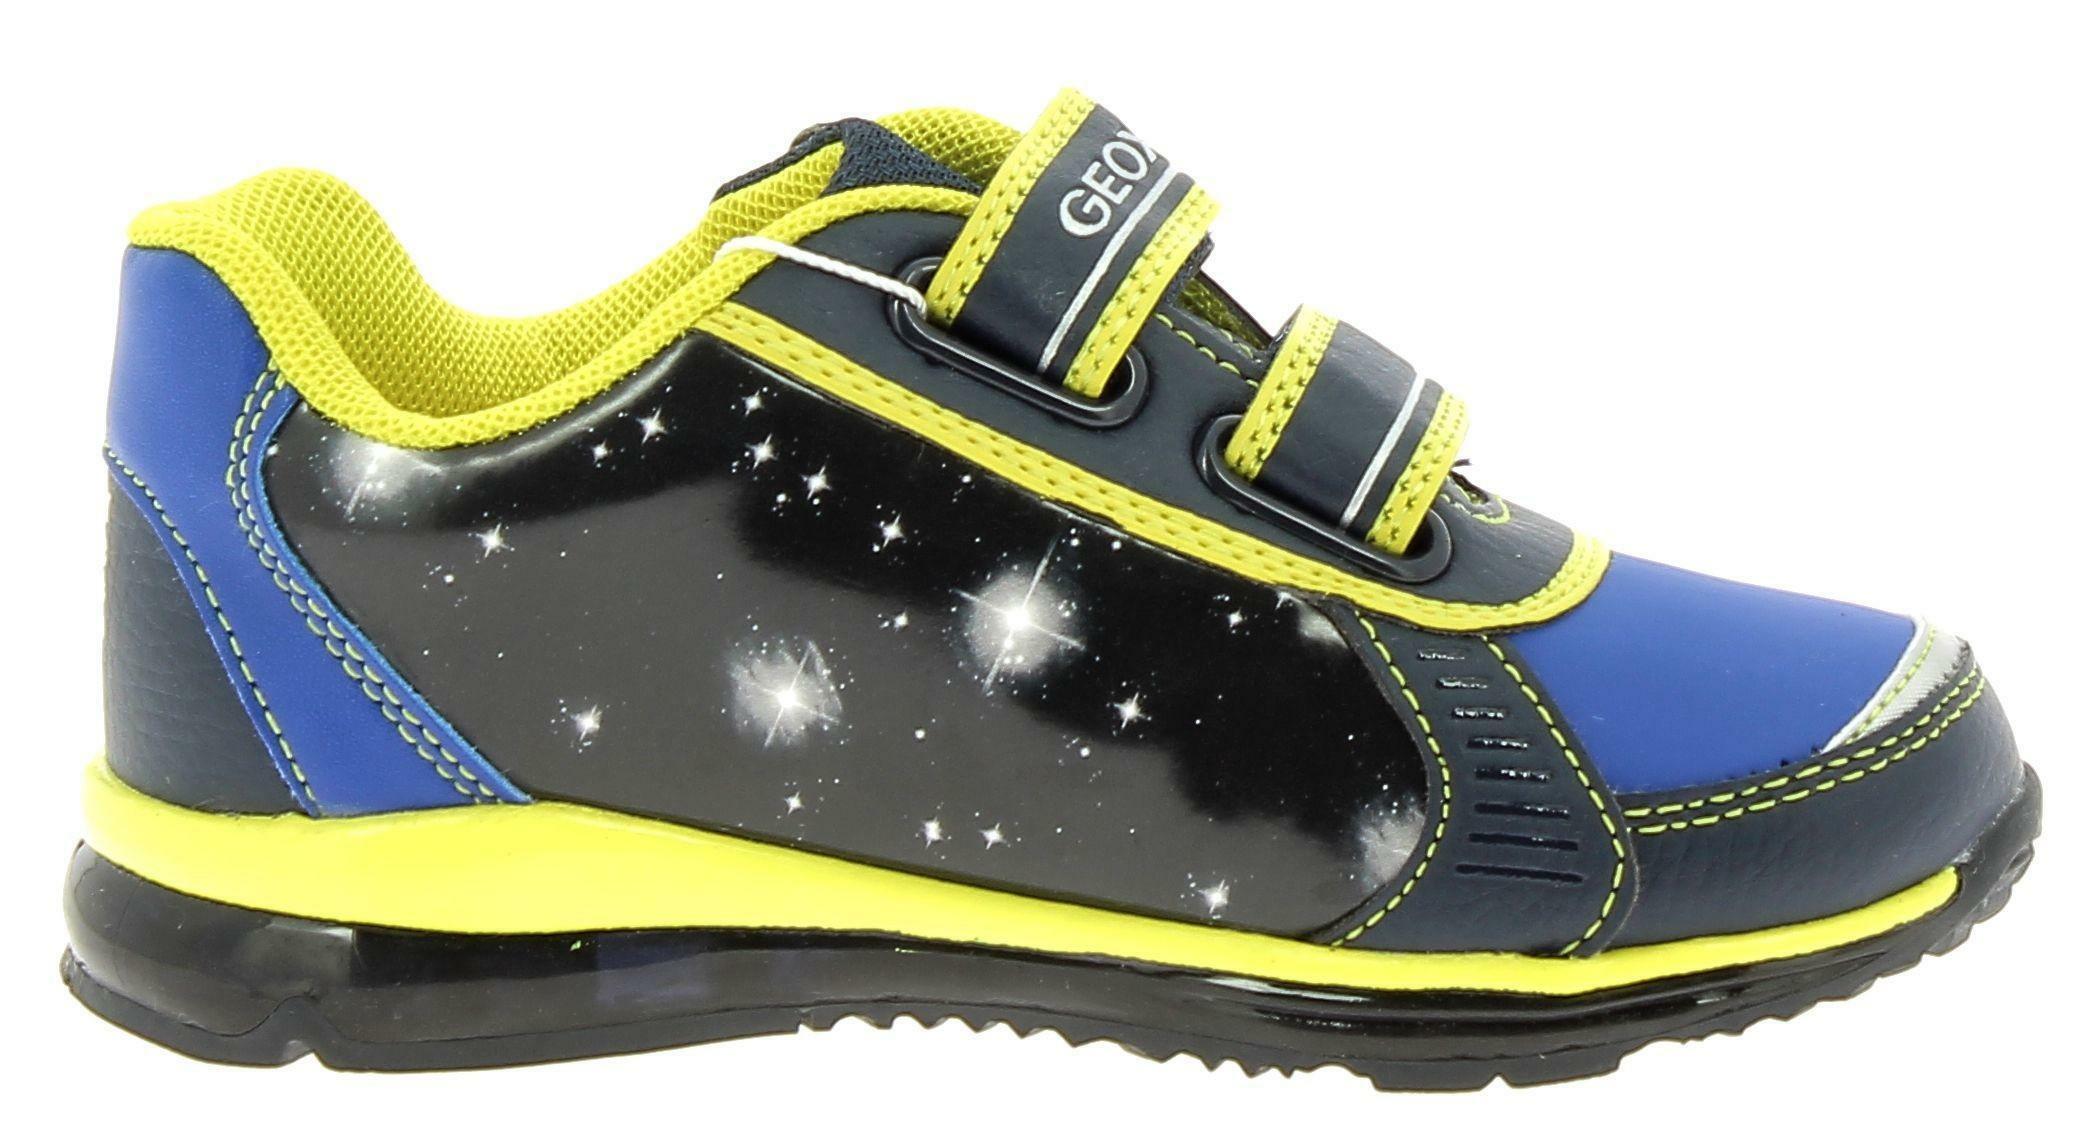 geox geox b todo scarpe sportive bambino blu luci